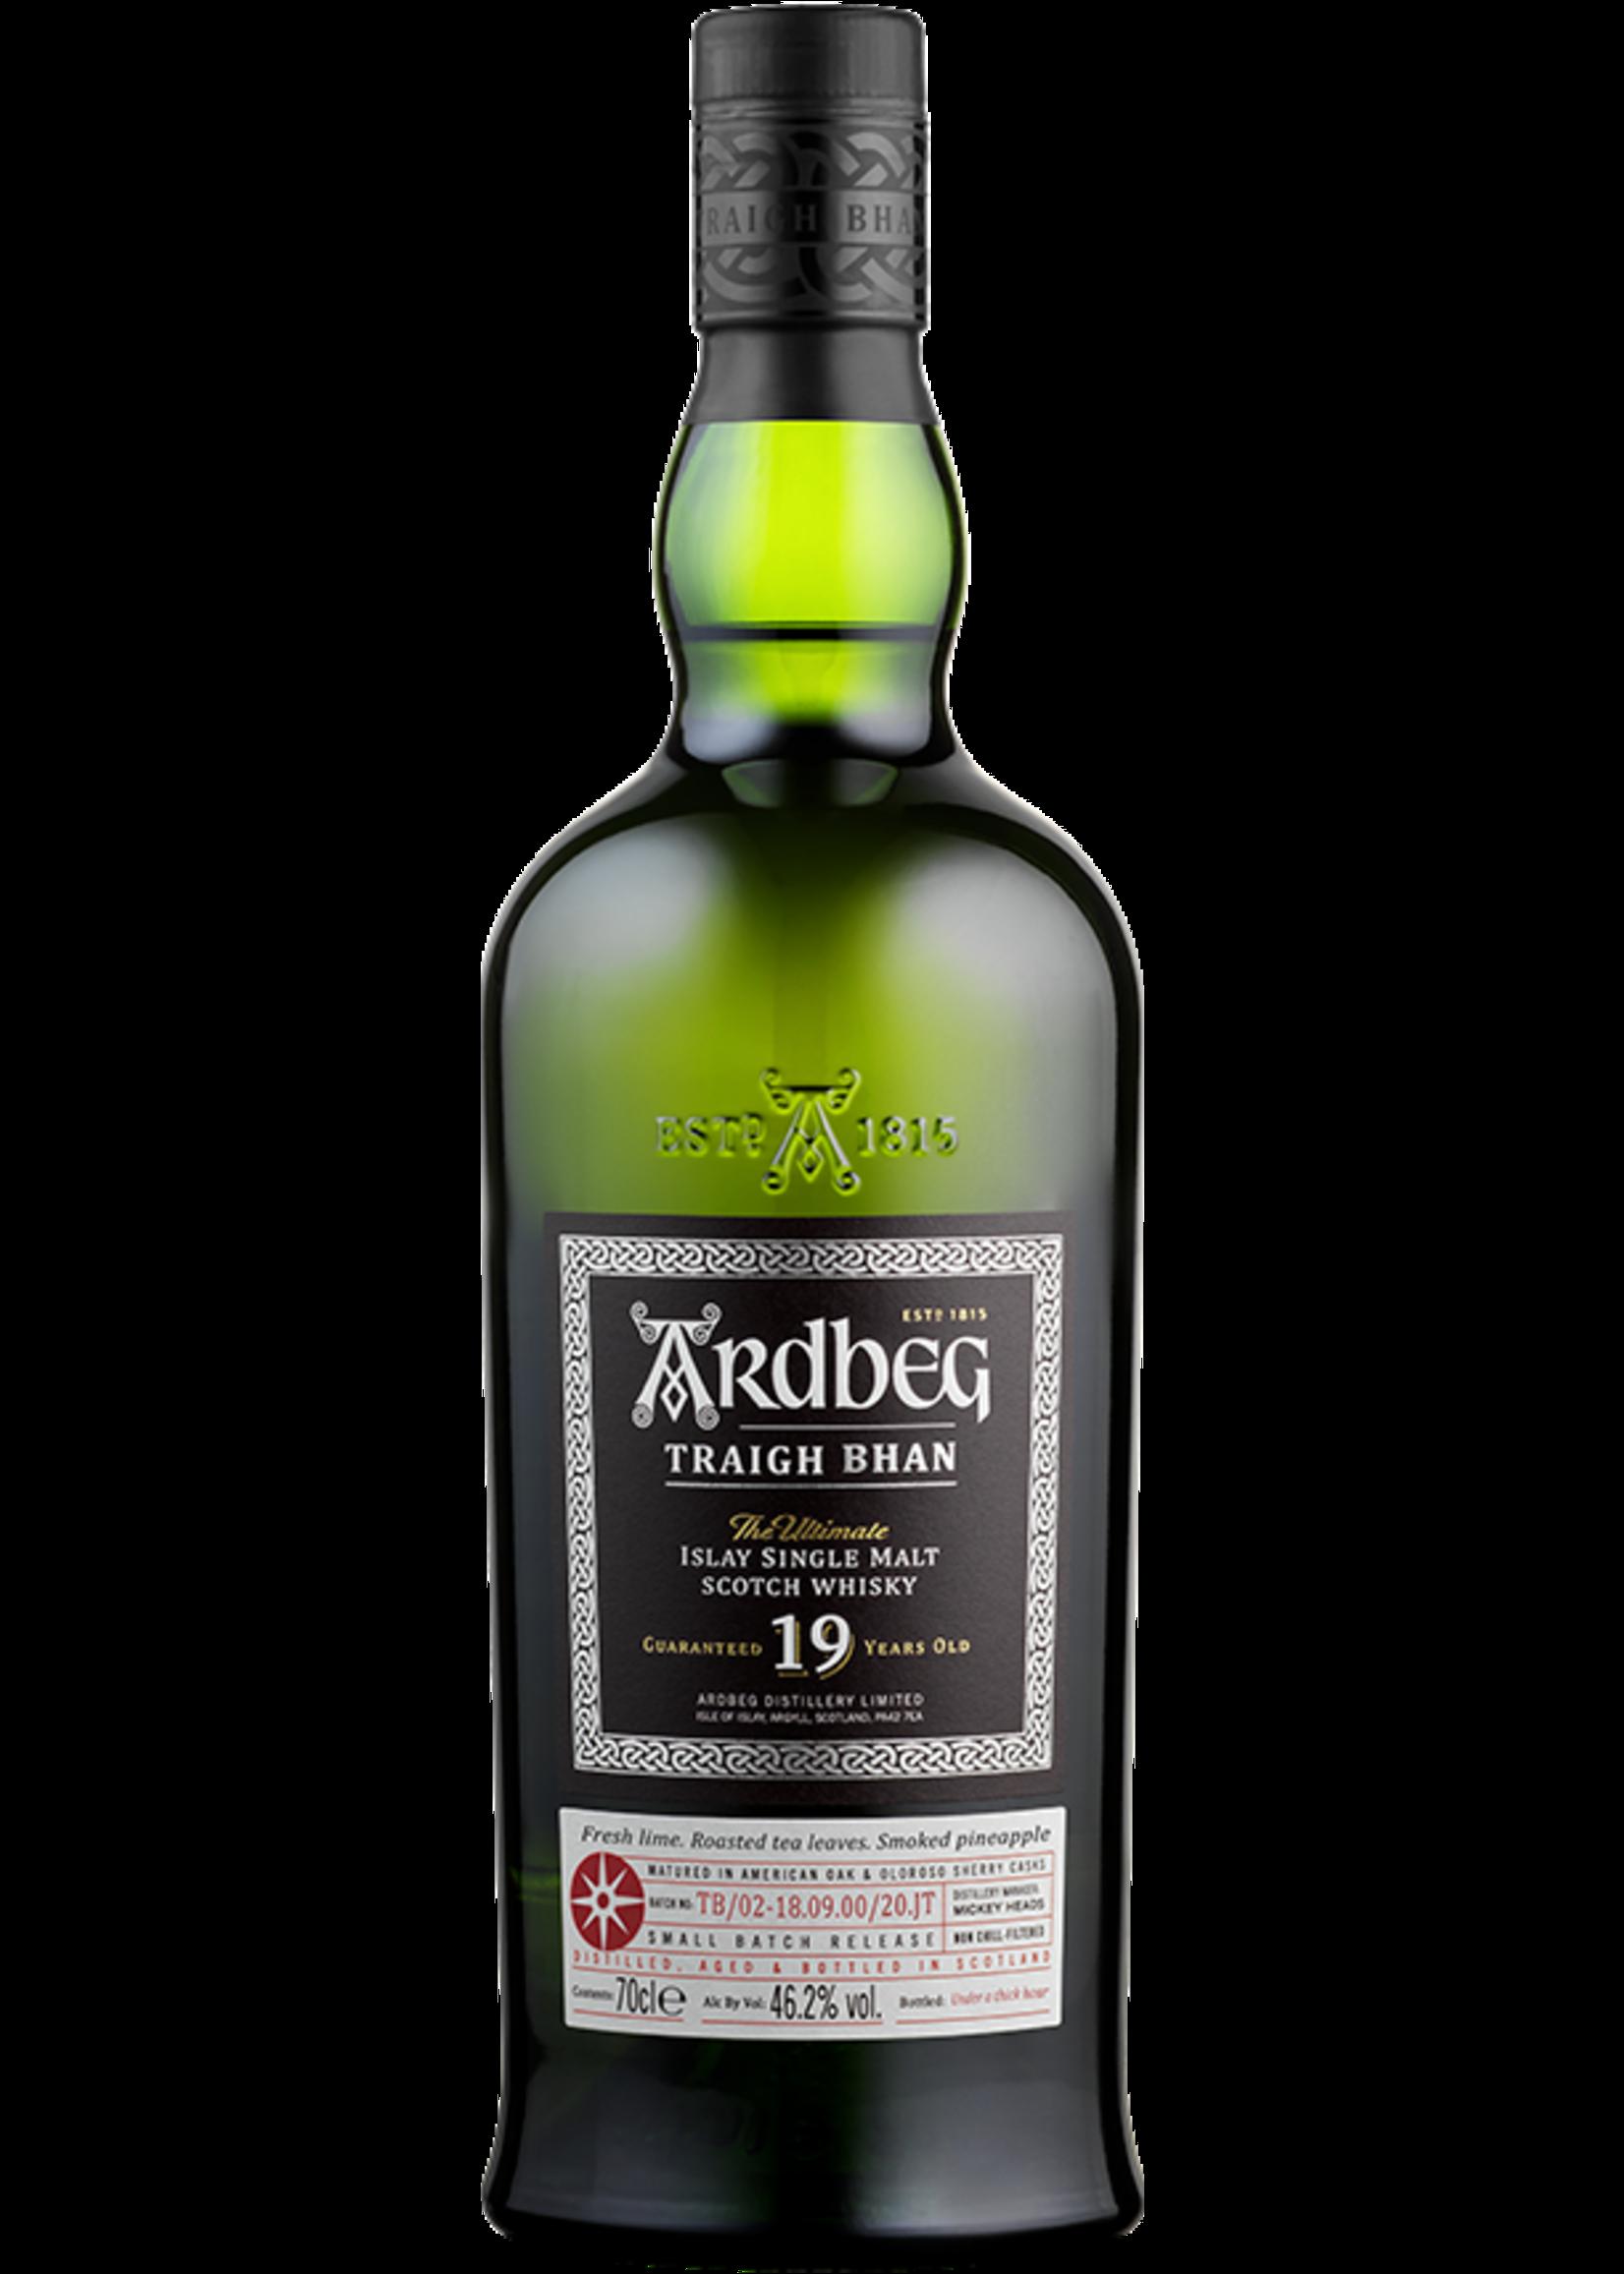 ARDBEG Ardbeg / Scotch Single Malt / 19 Year Traigh Bhan / 750mL